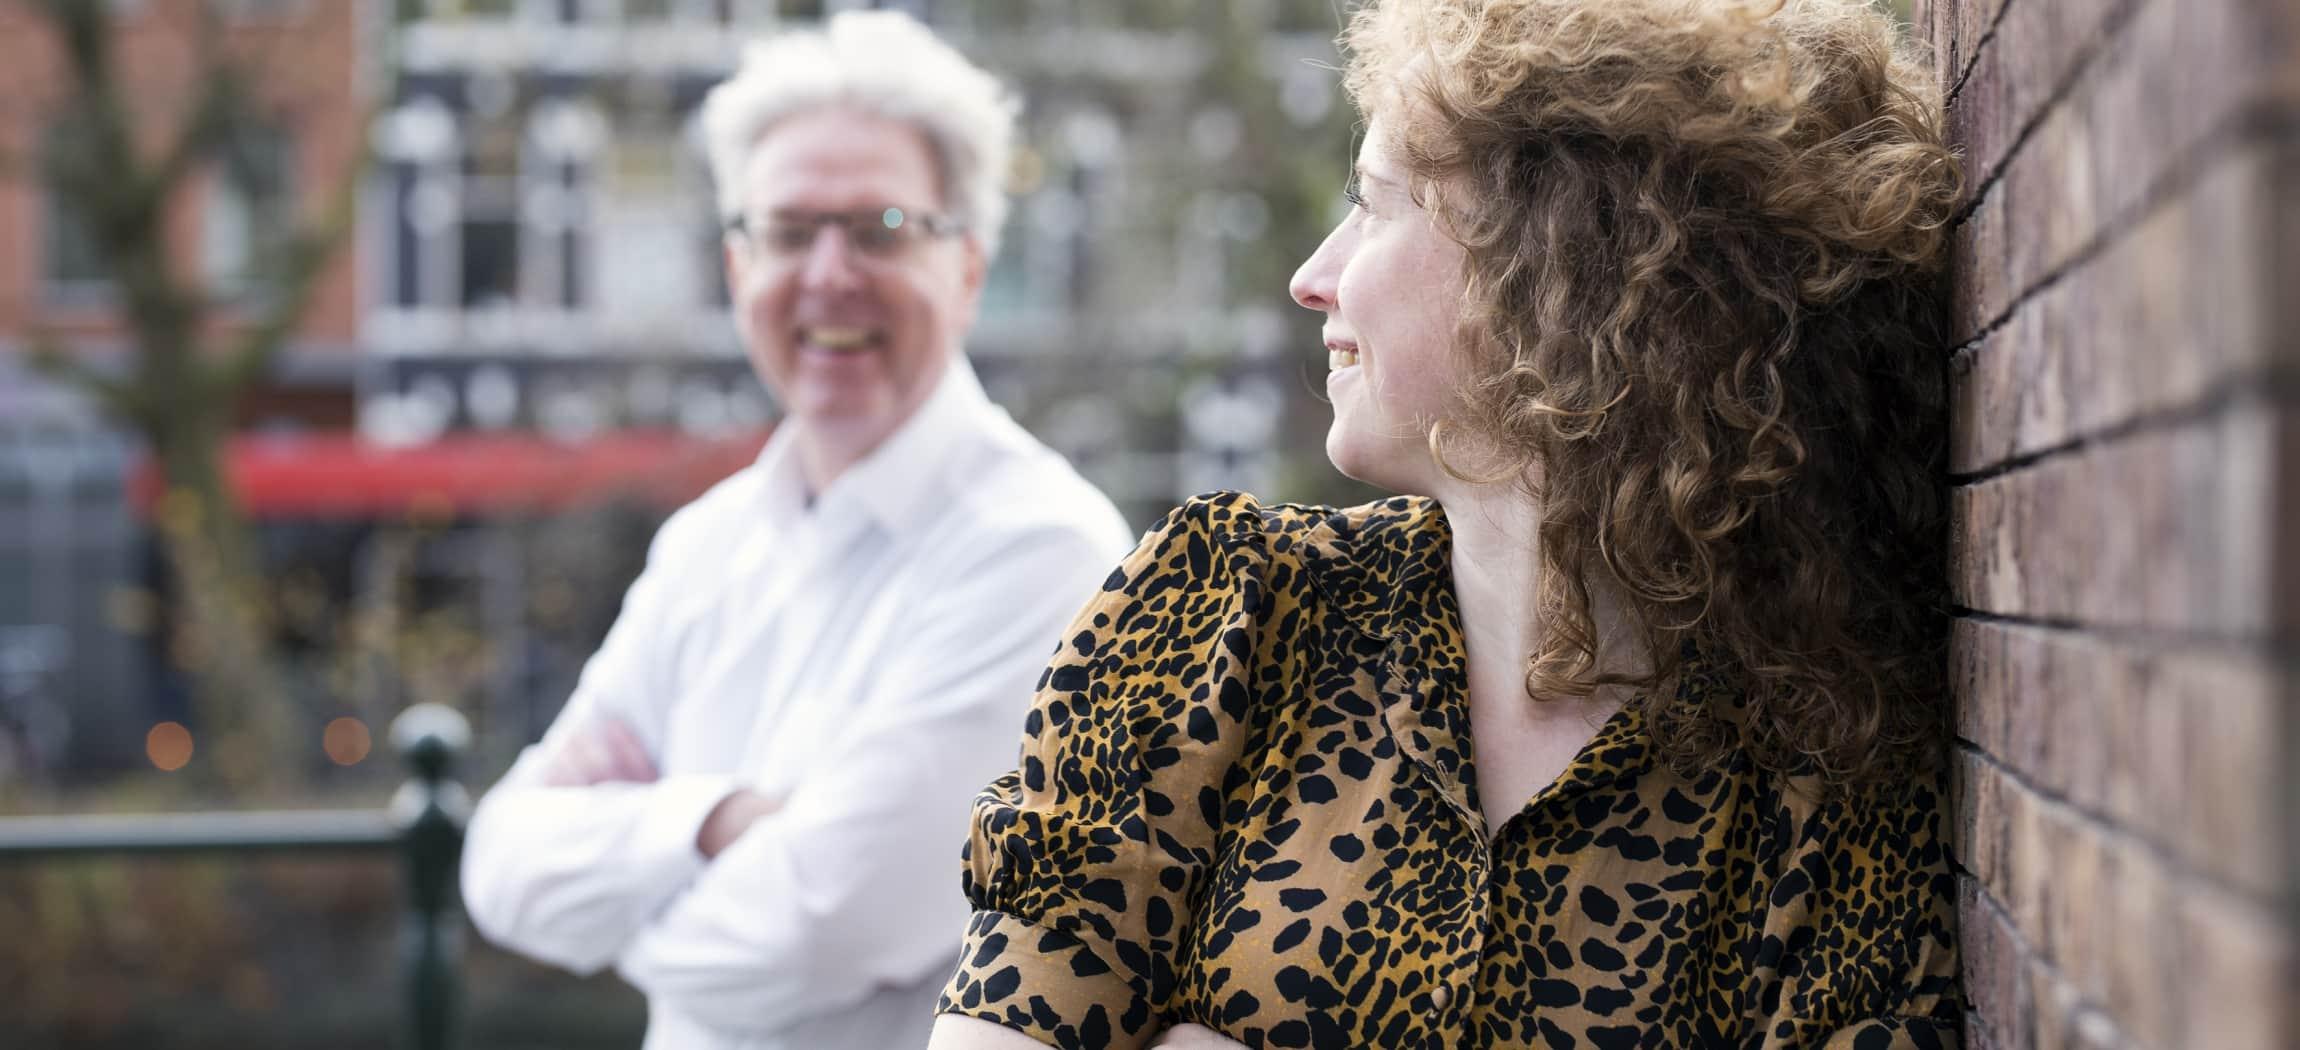 René en Daphne van de participatieraad De Makroon staan buiten op de gracht